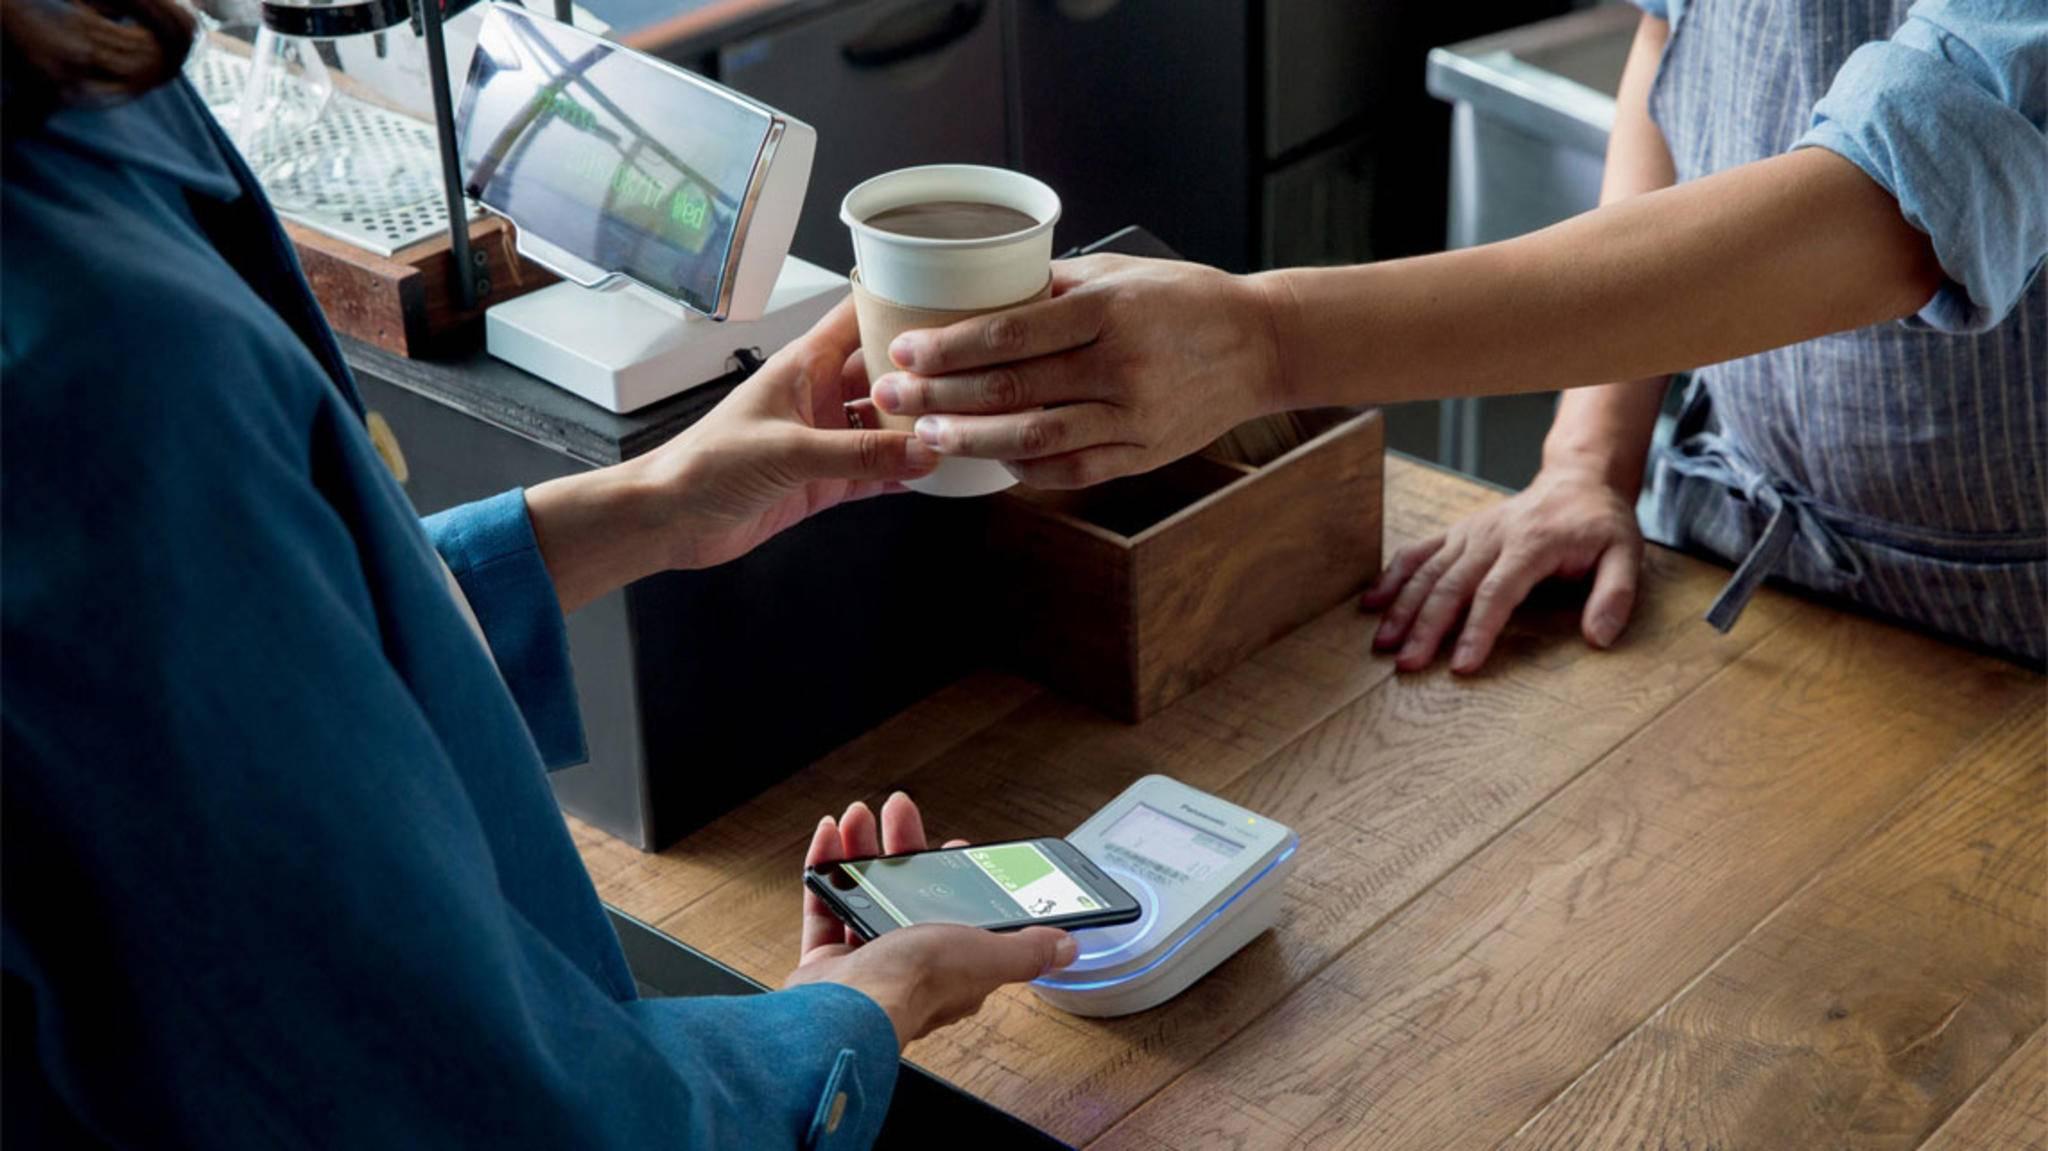 Die Volks- und Raiffeisenbanken wollen Apple Pay im Frühjahr einführen.